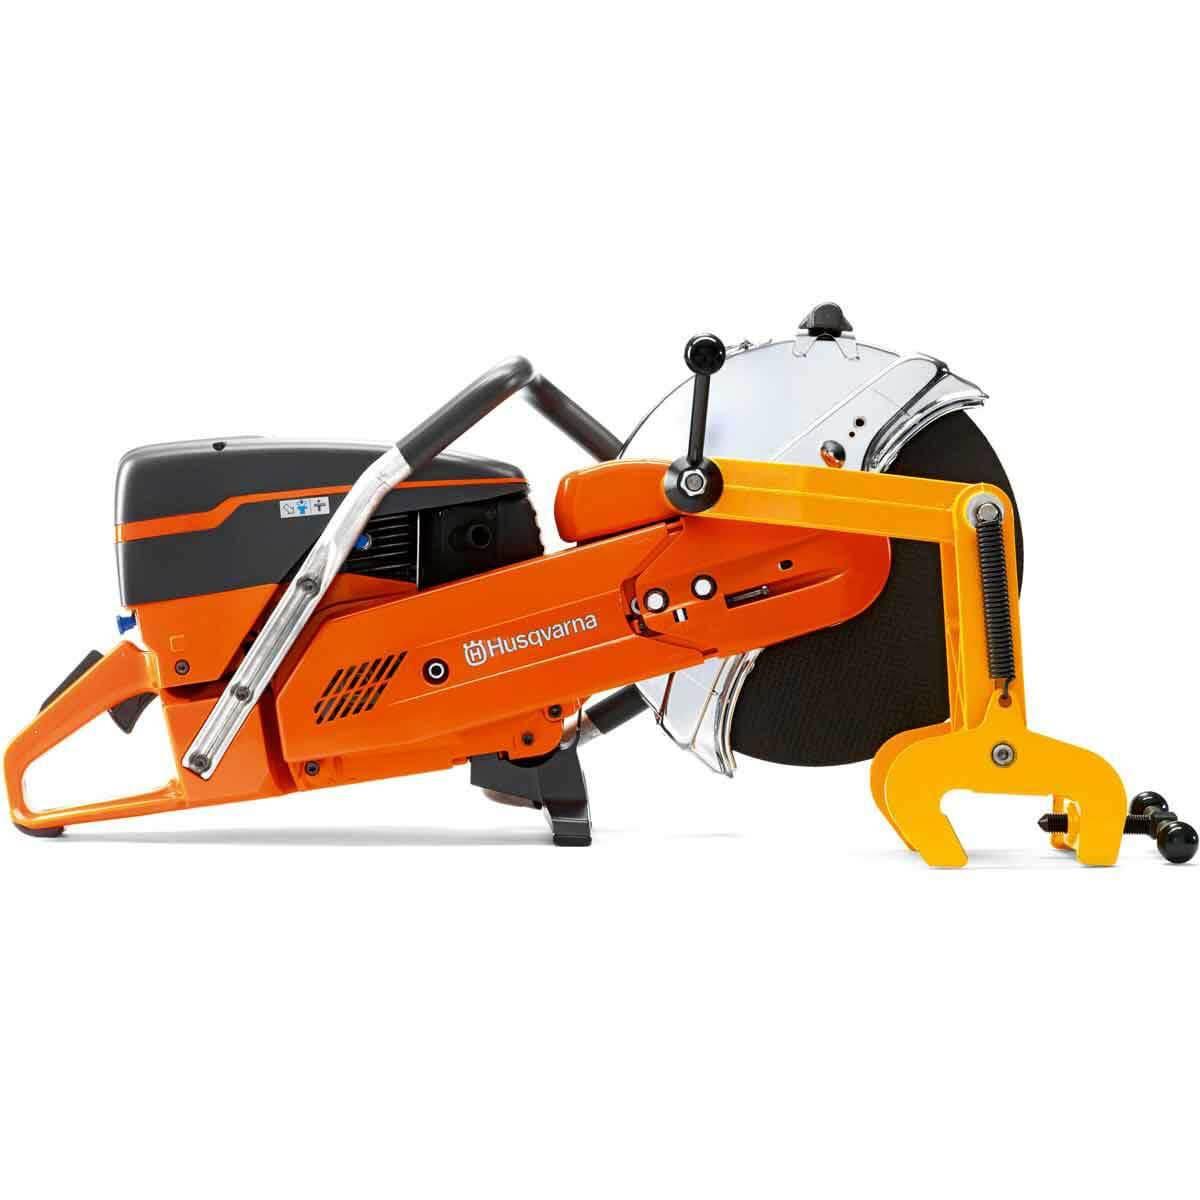 966453401 Husqvarna K1260 Rail Saw